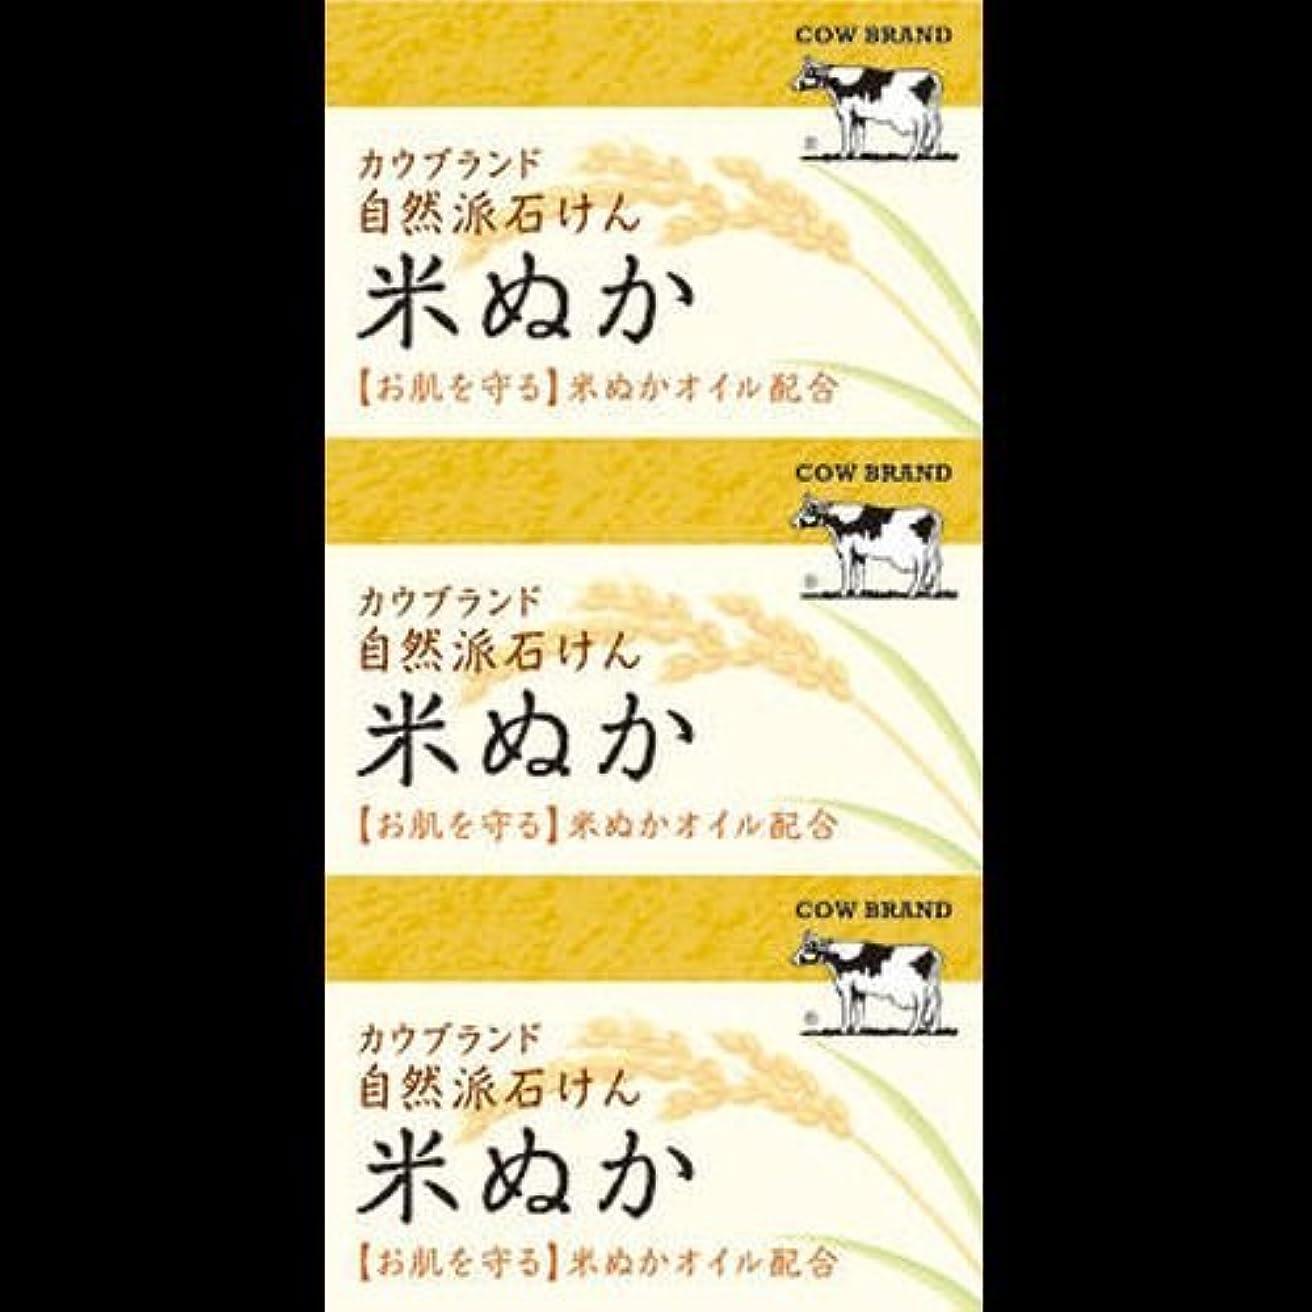 メンテナンス属するファシズム【まとめ買い】カウブランド 自然派石けん 米ぬか 100g*3個 ×2セット